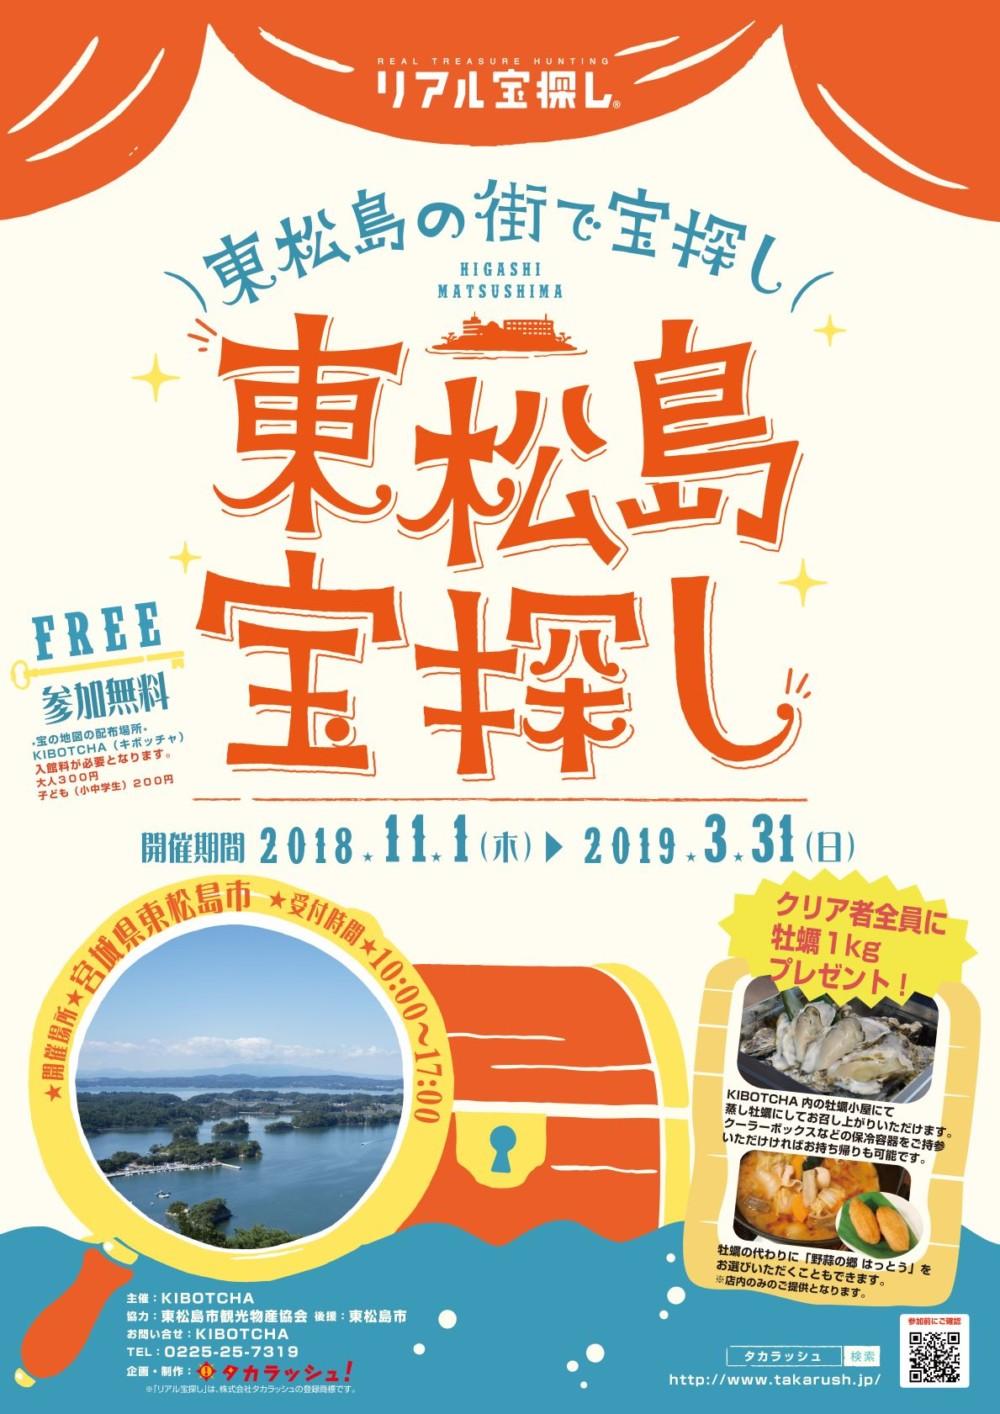 「東松島宝探し」クリア賞はなんと牡蠣1Kg!